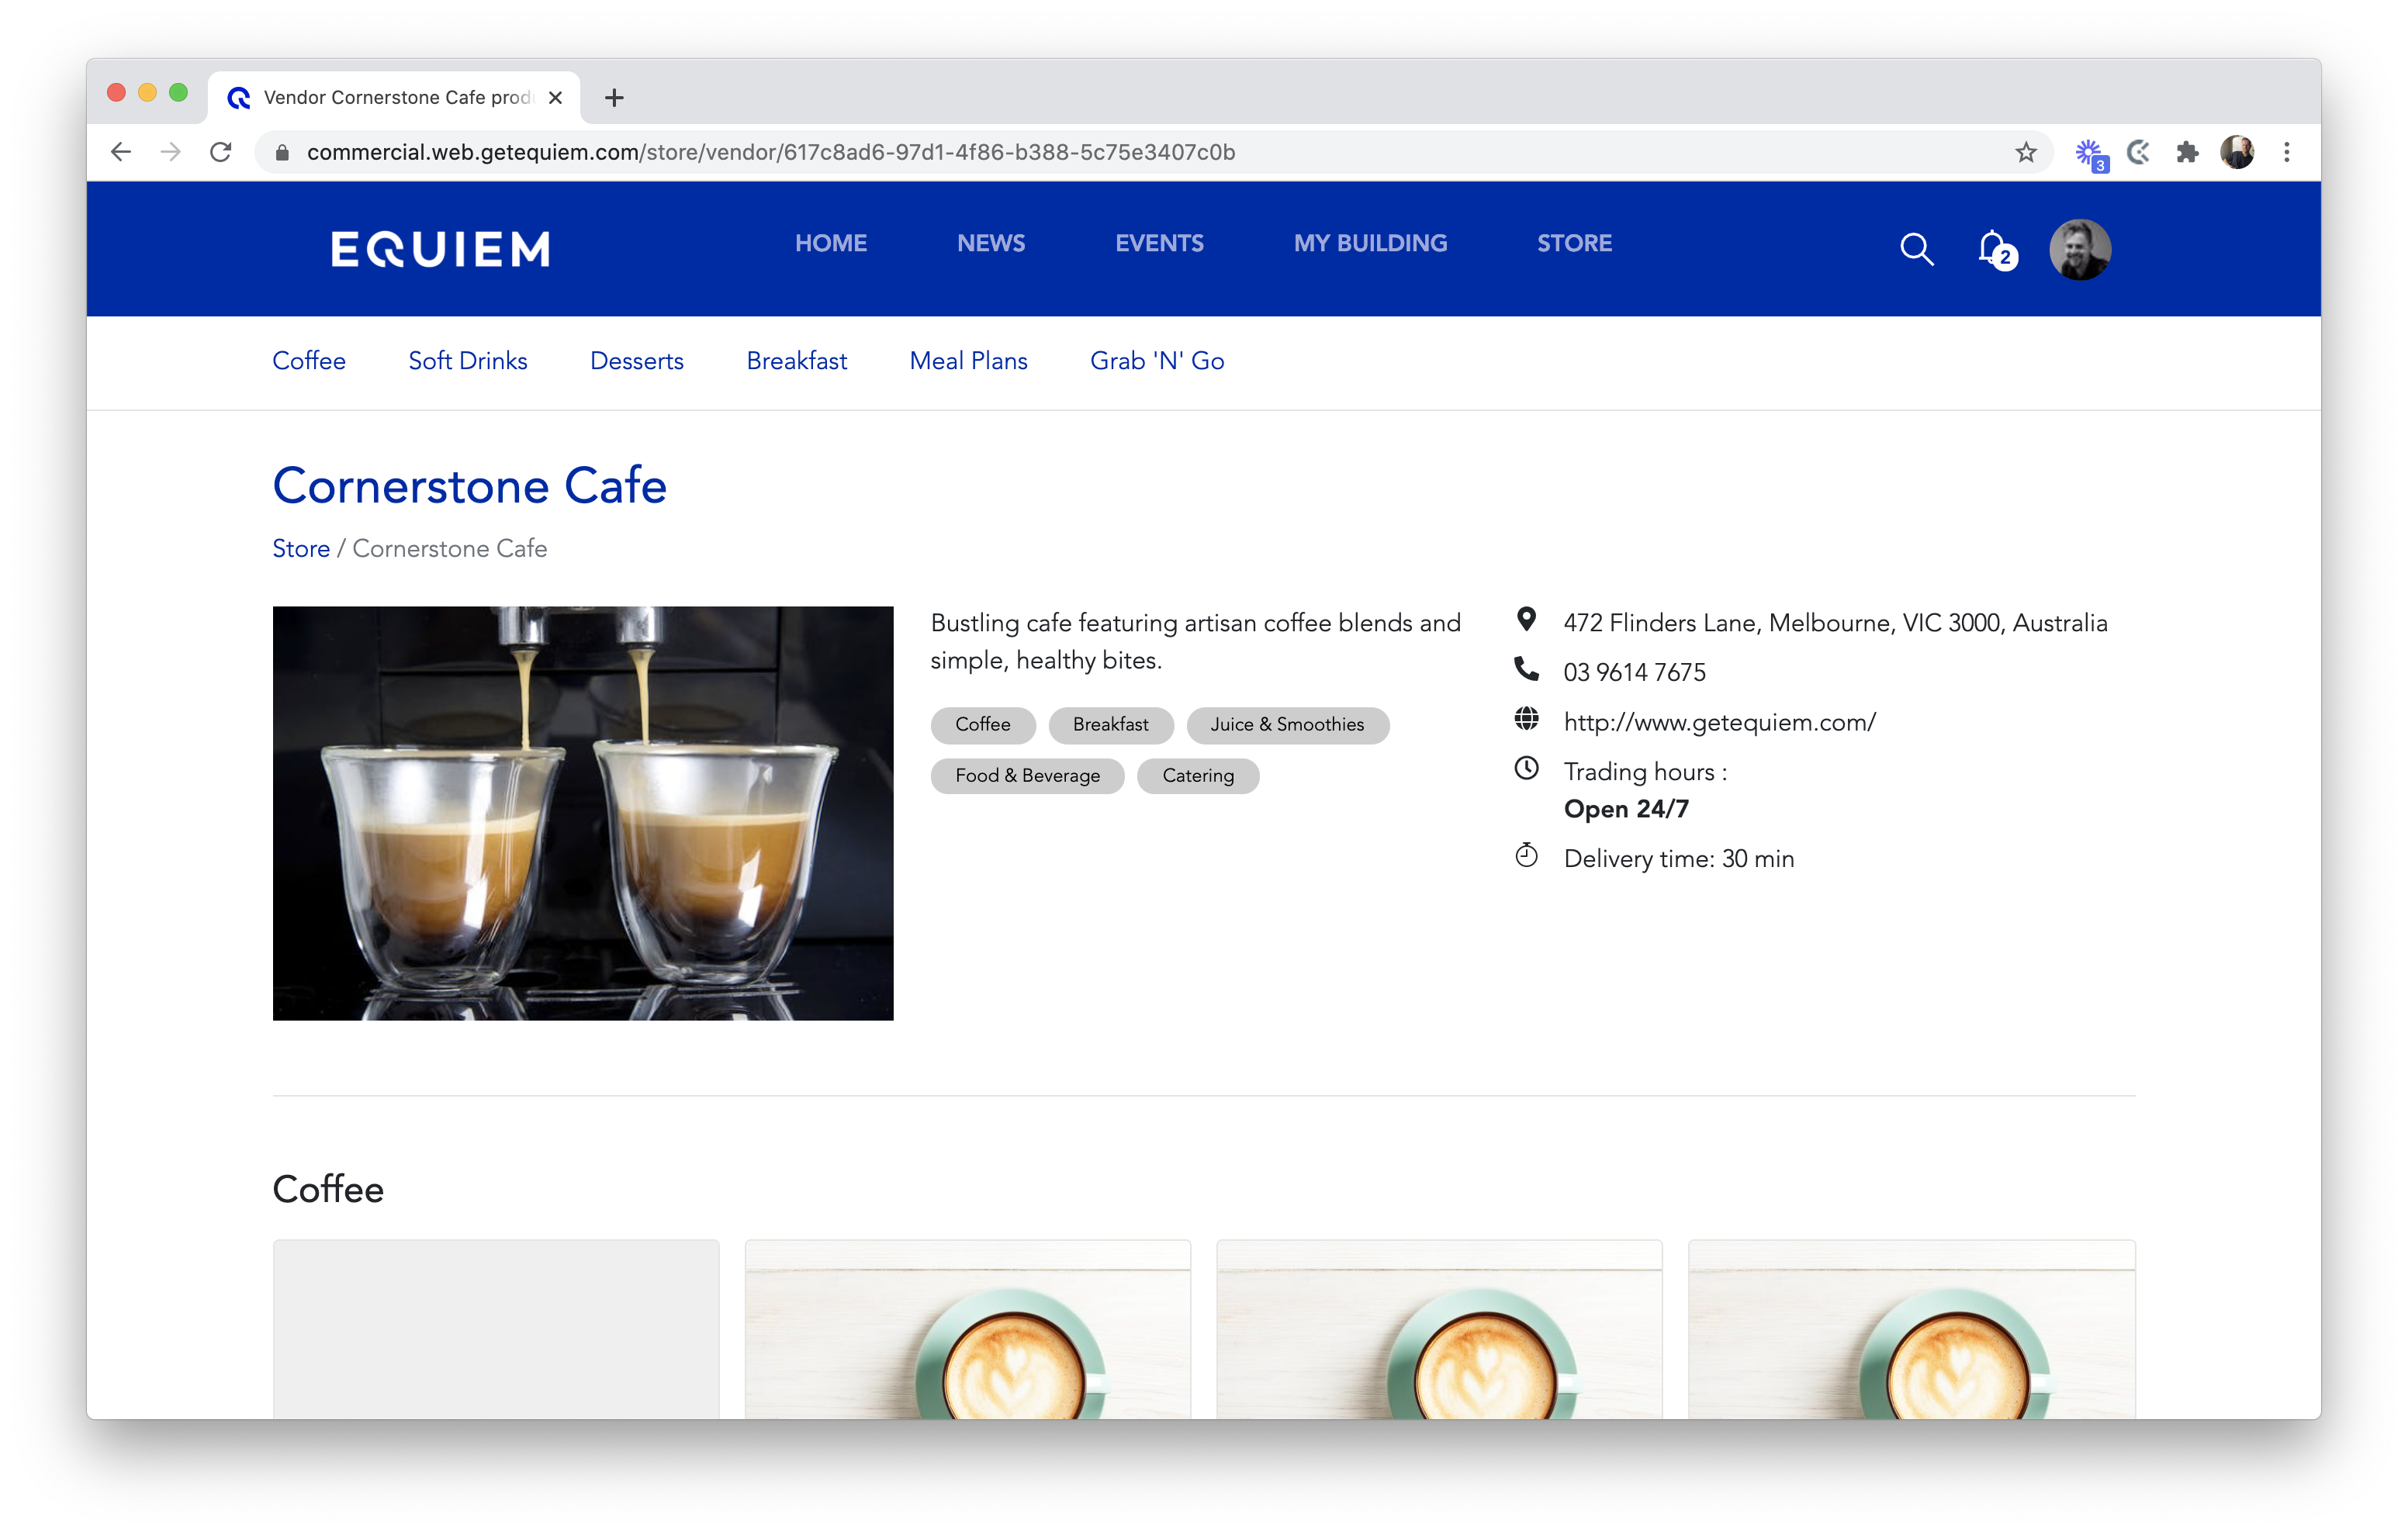 Equiem e-commerce retailer pages.